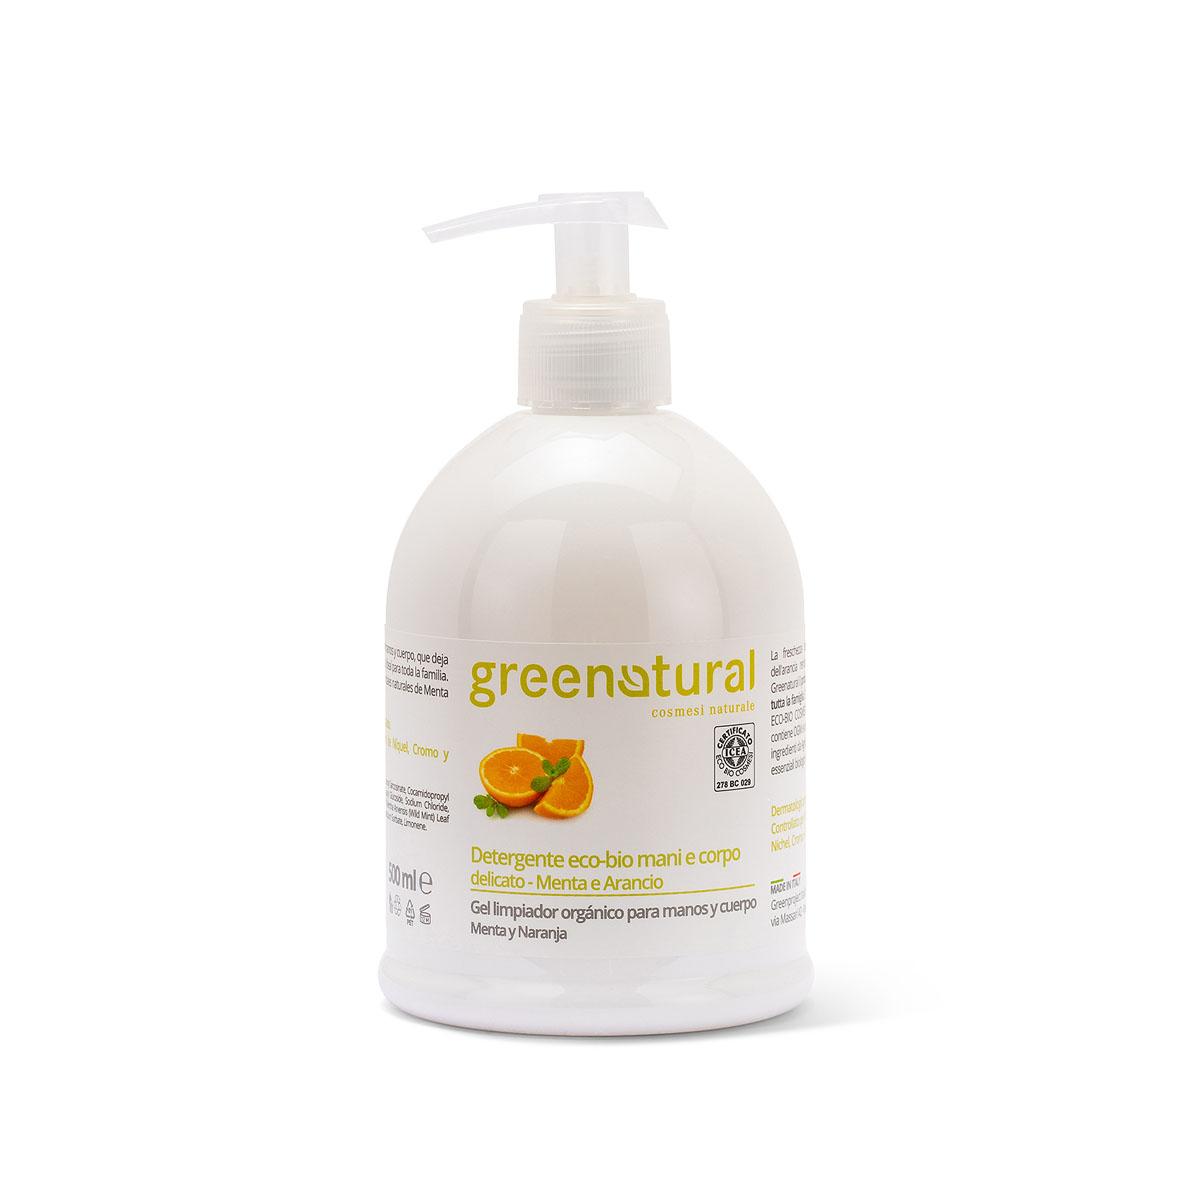 Greenatural – Detergente mani e corpo Menta & Arancio 100ml